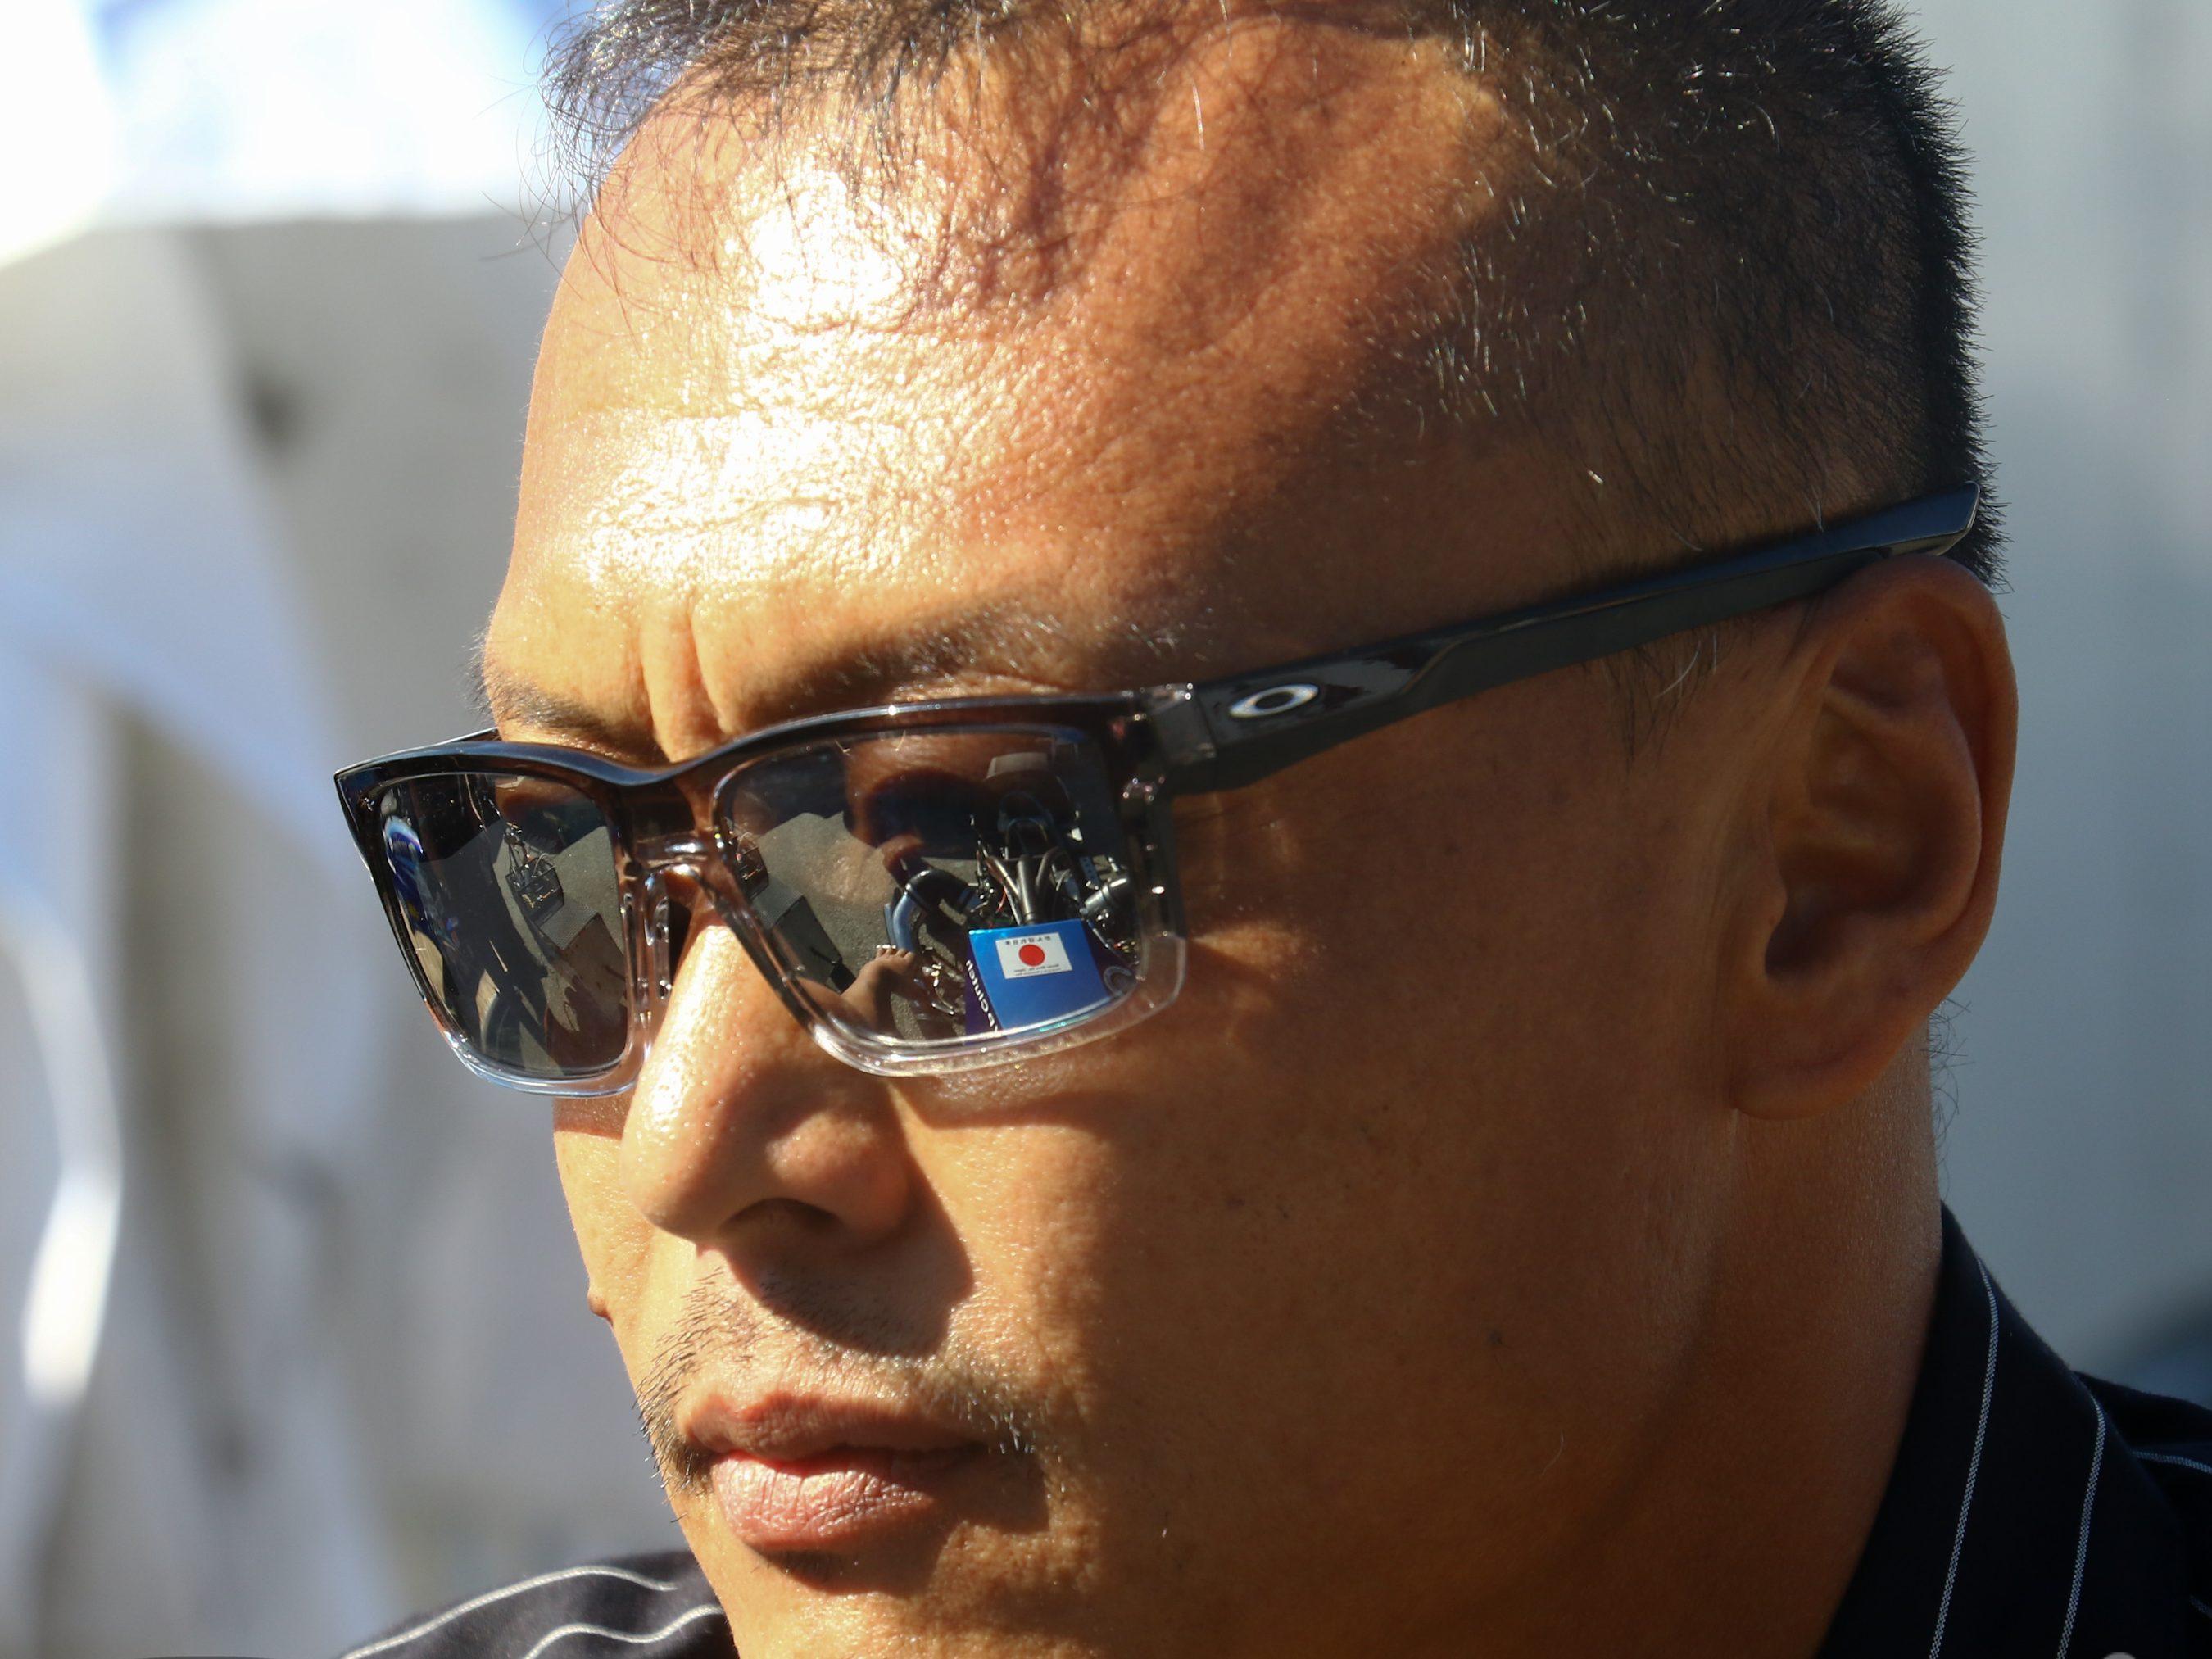 Takeshi Shigematsu